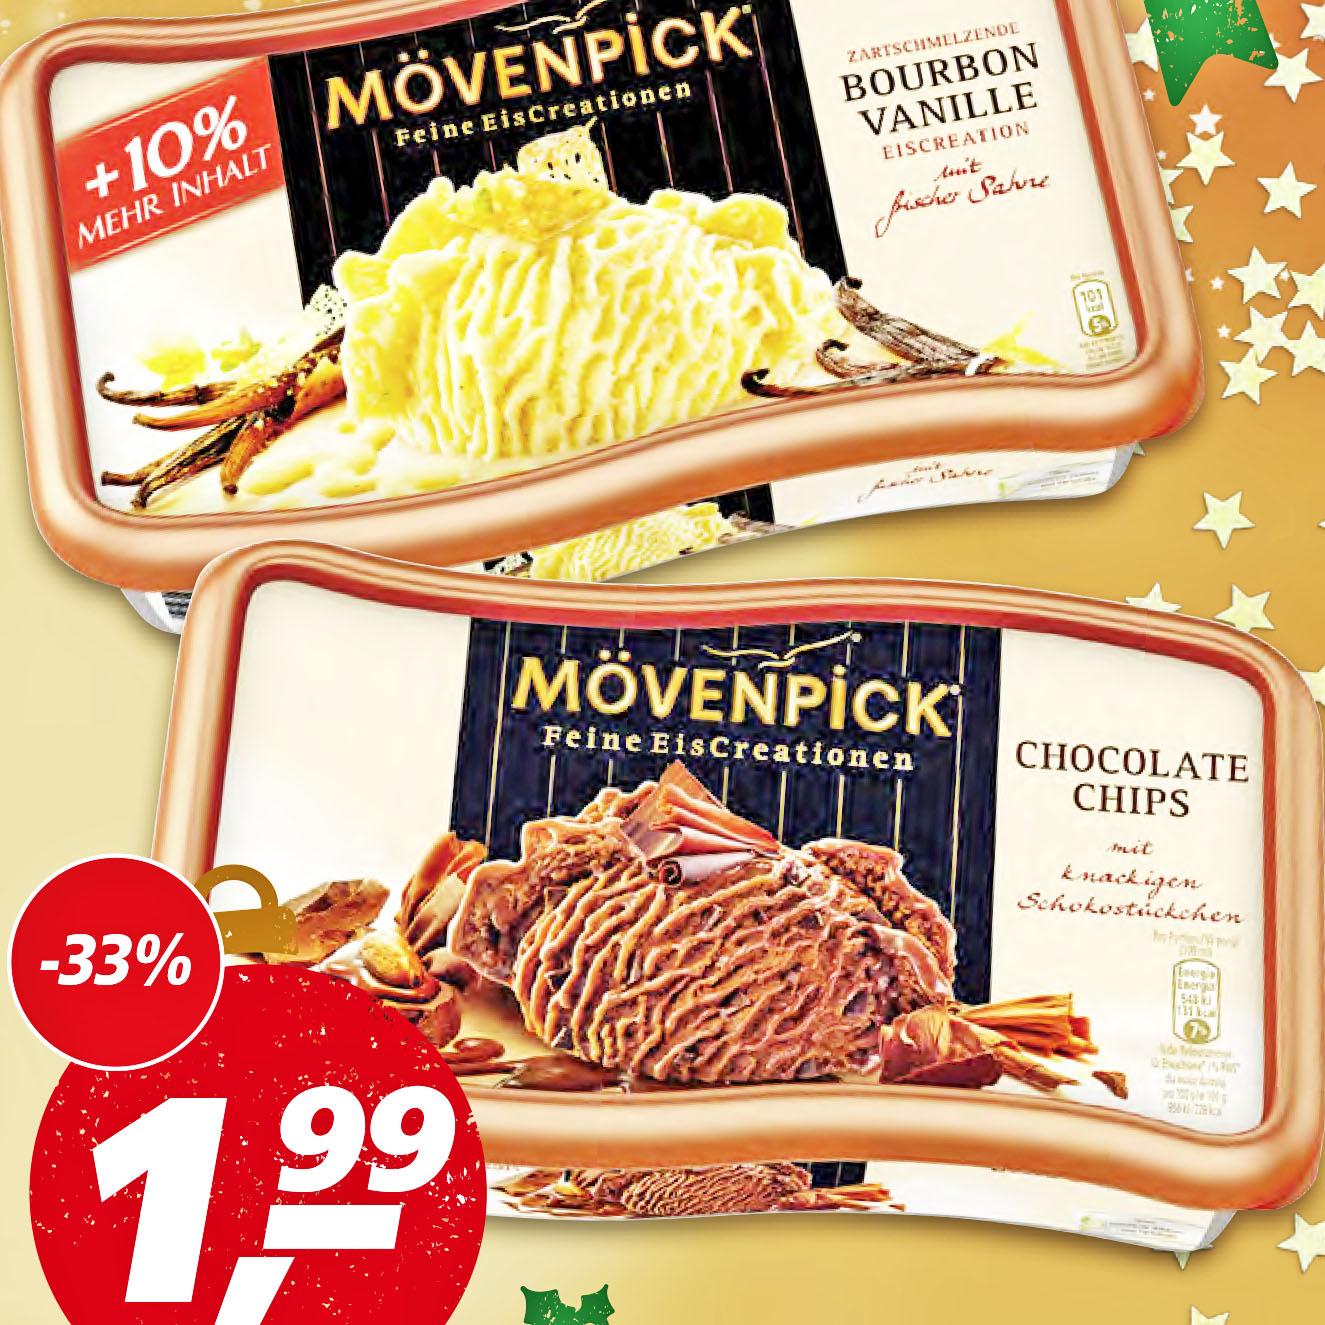 Lecker Mövenpick Eis UND 1€ Cashback für dann nur 0,99€ bei [Real]